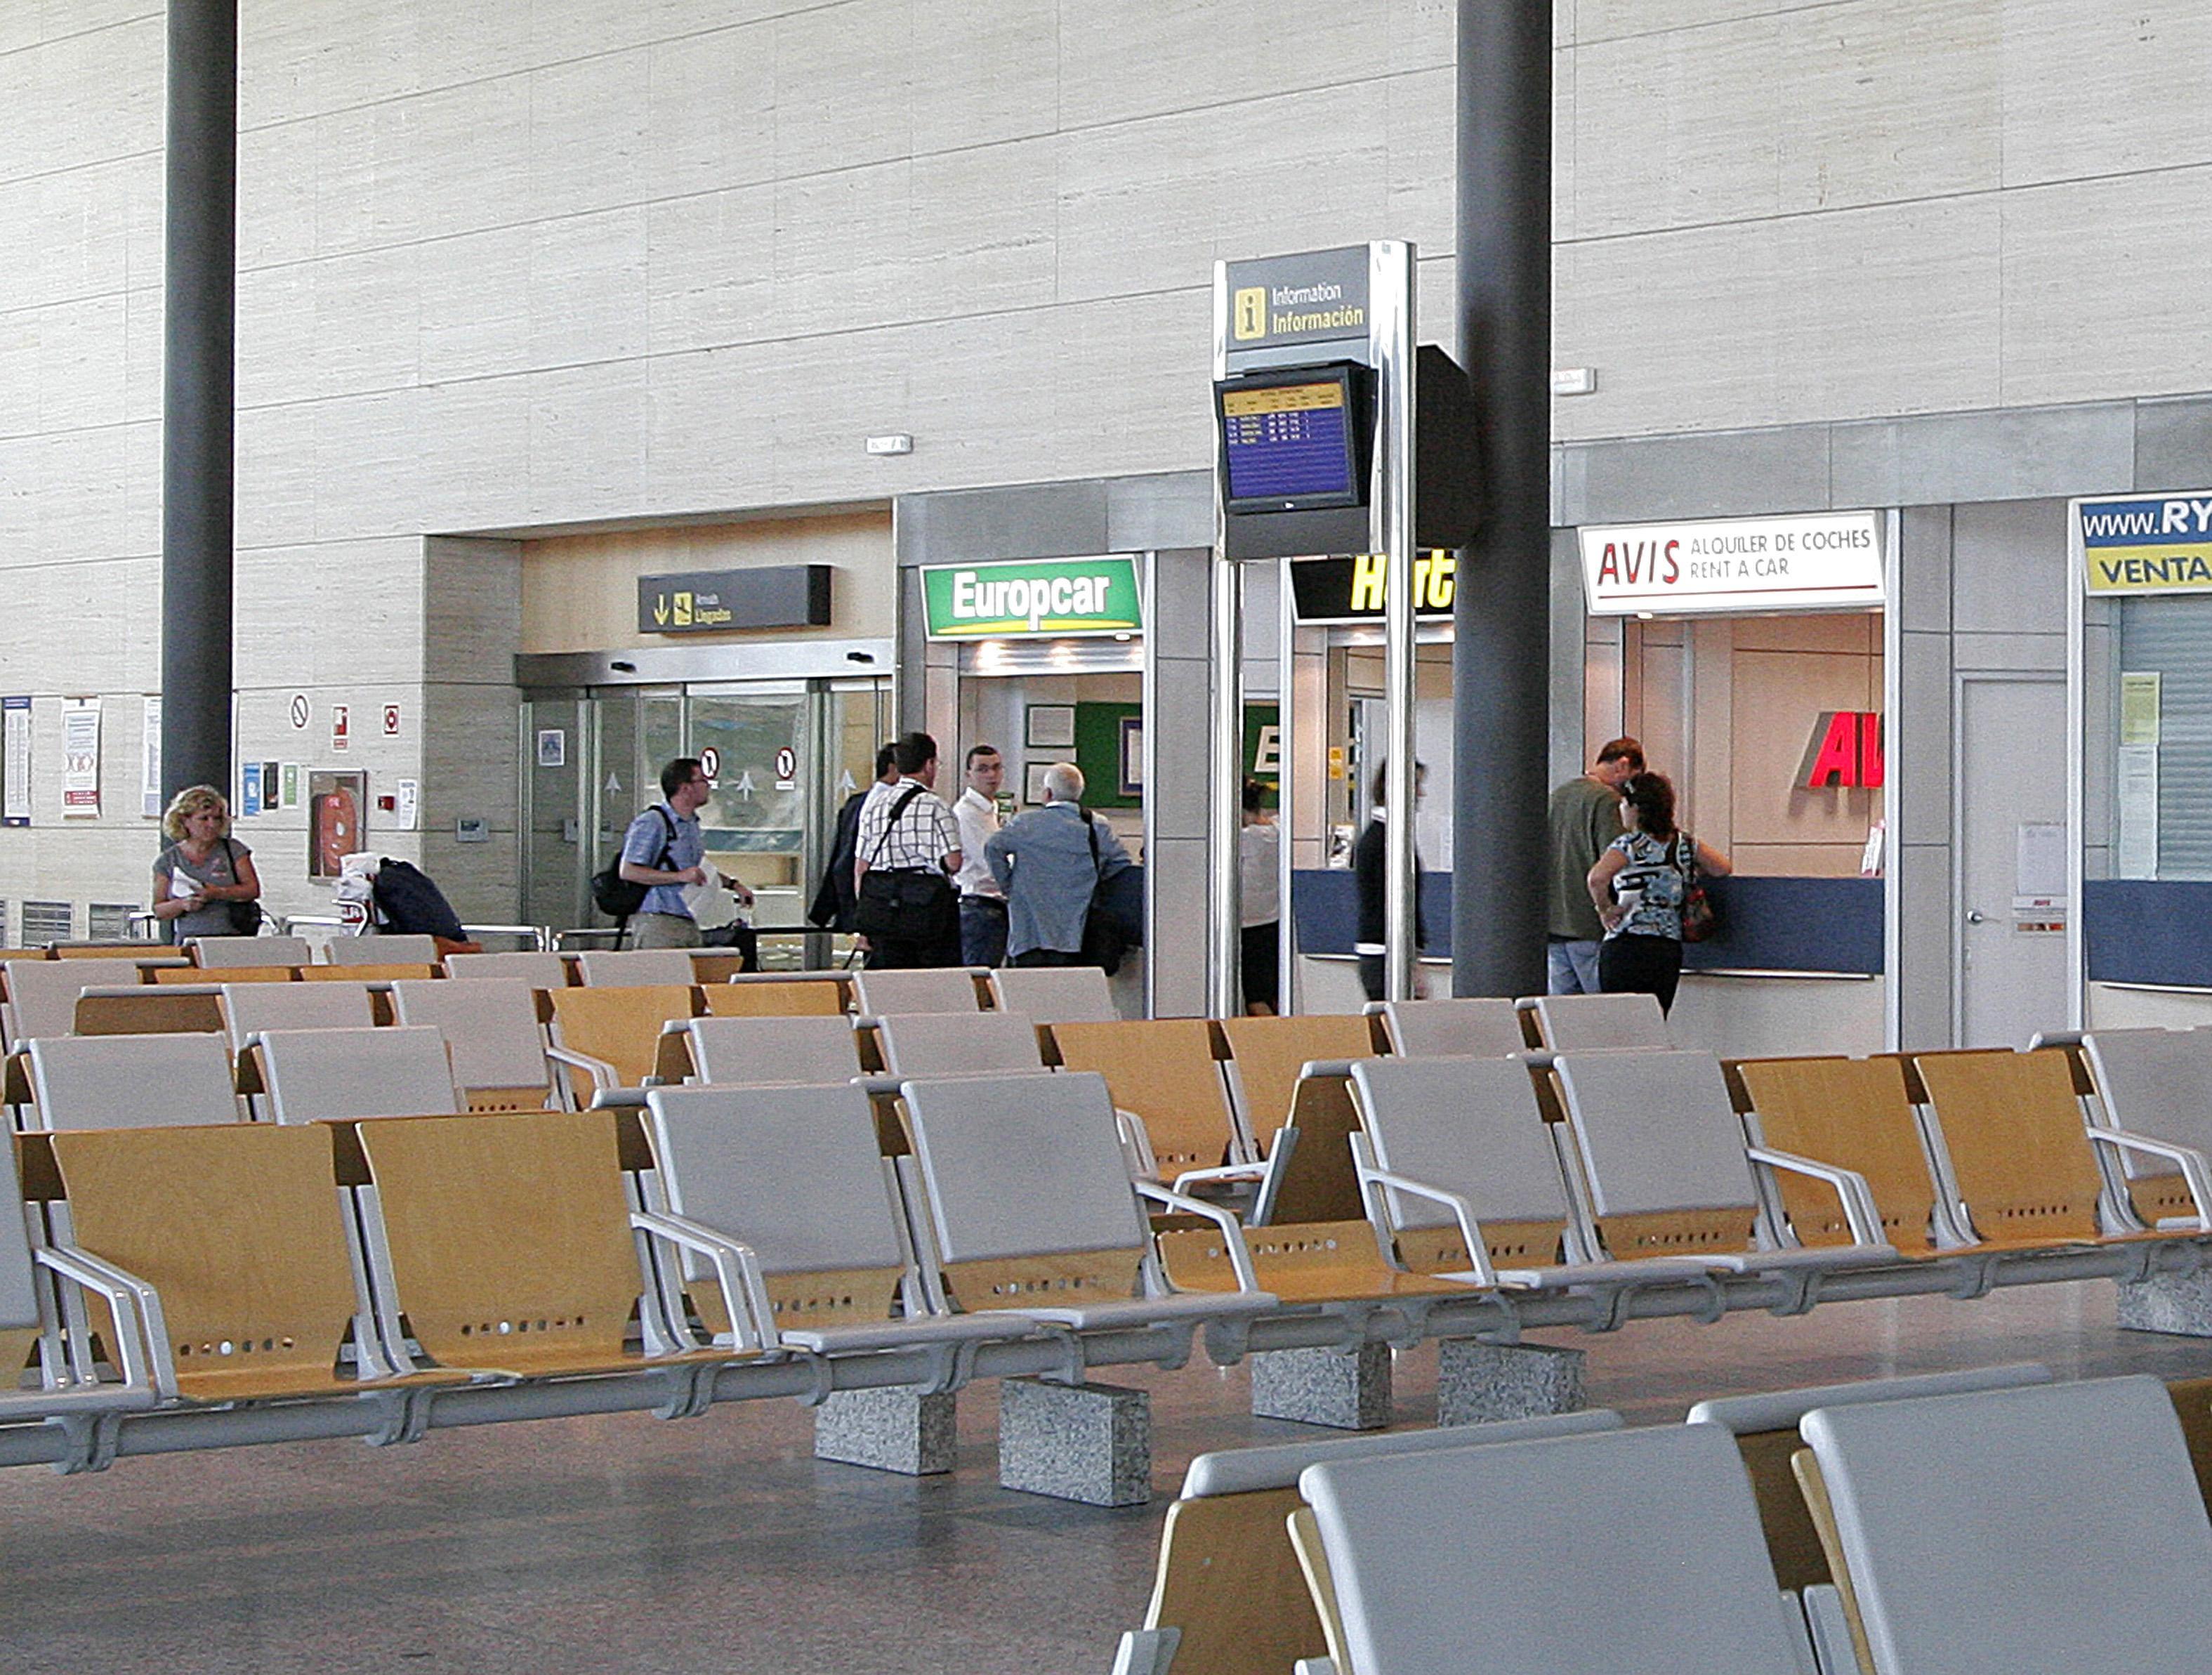 El PSOE denuncia que la Junta aportó a los contratos con Ryanair por operar desde Valladolid 18 millones desde 2004